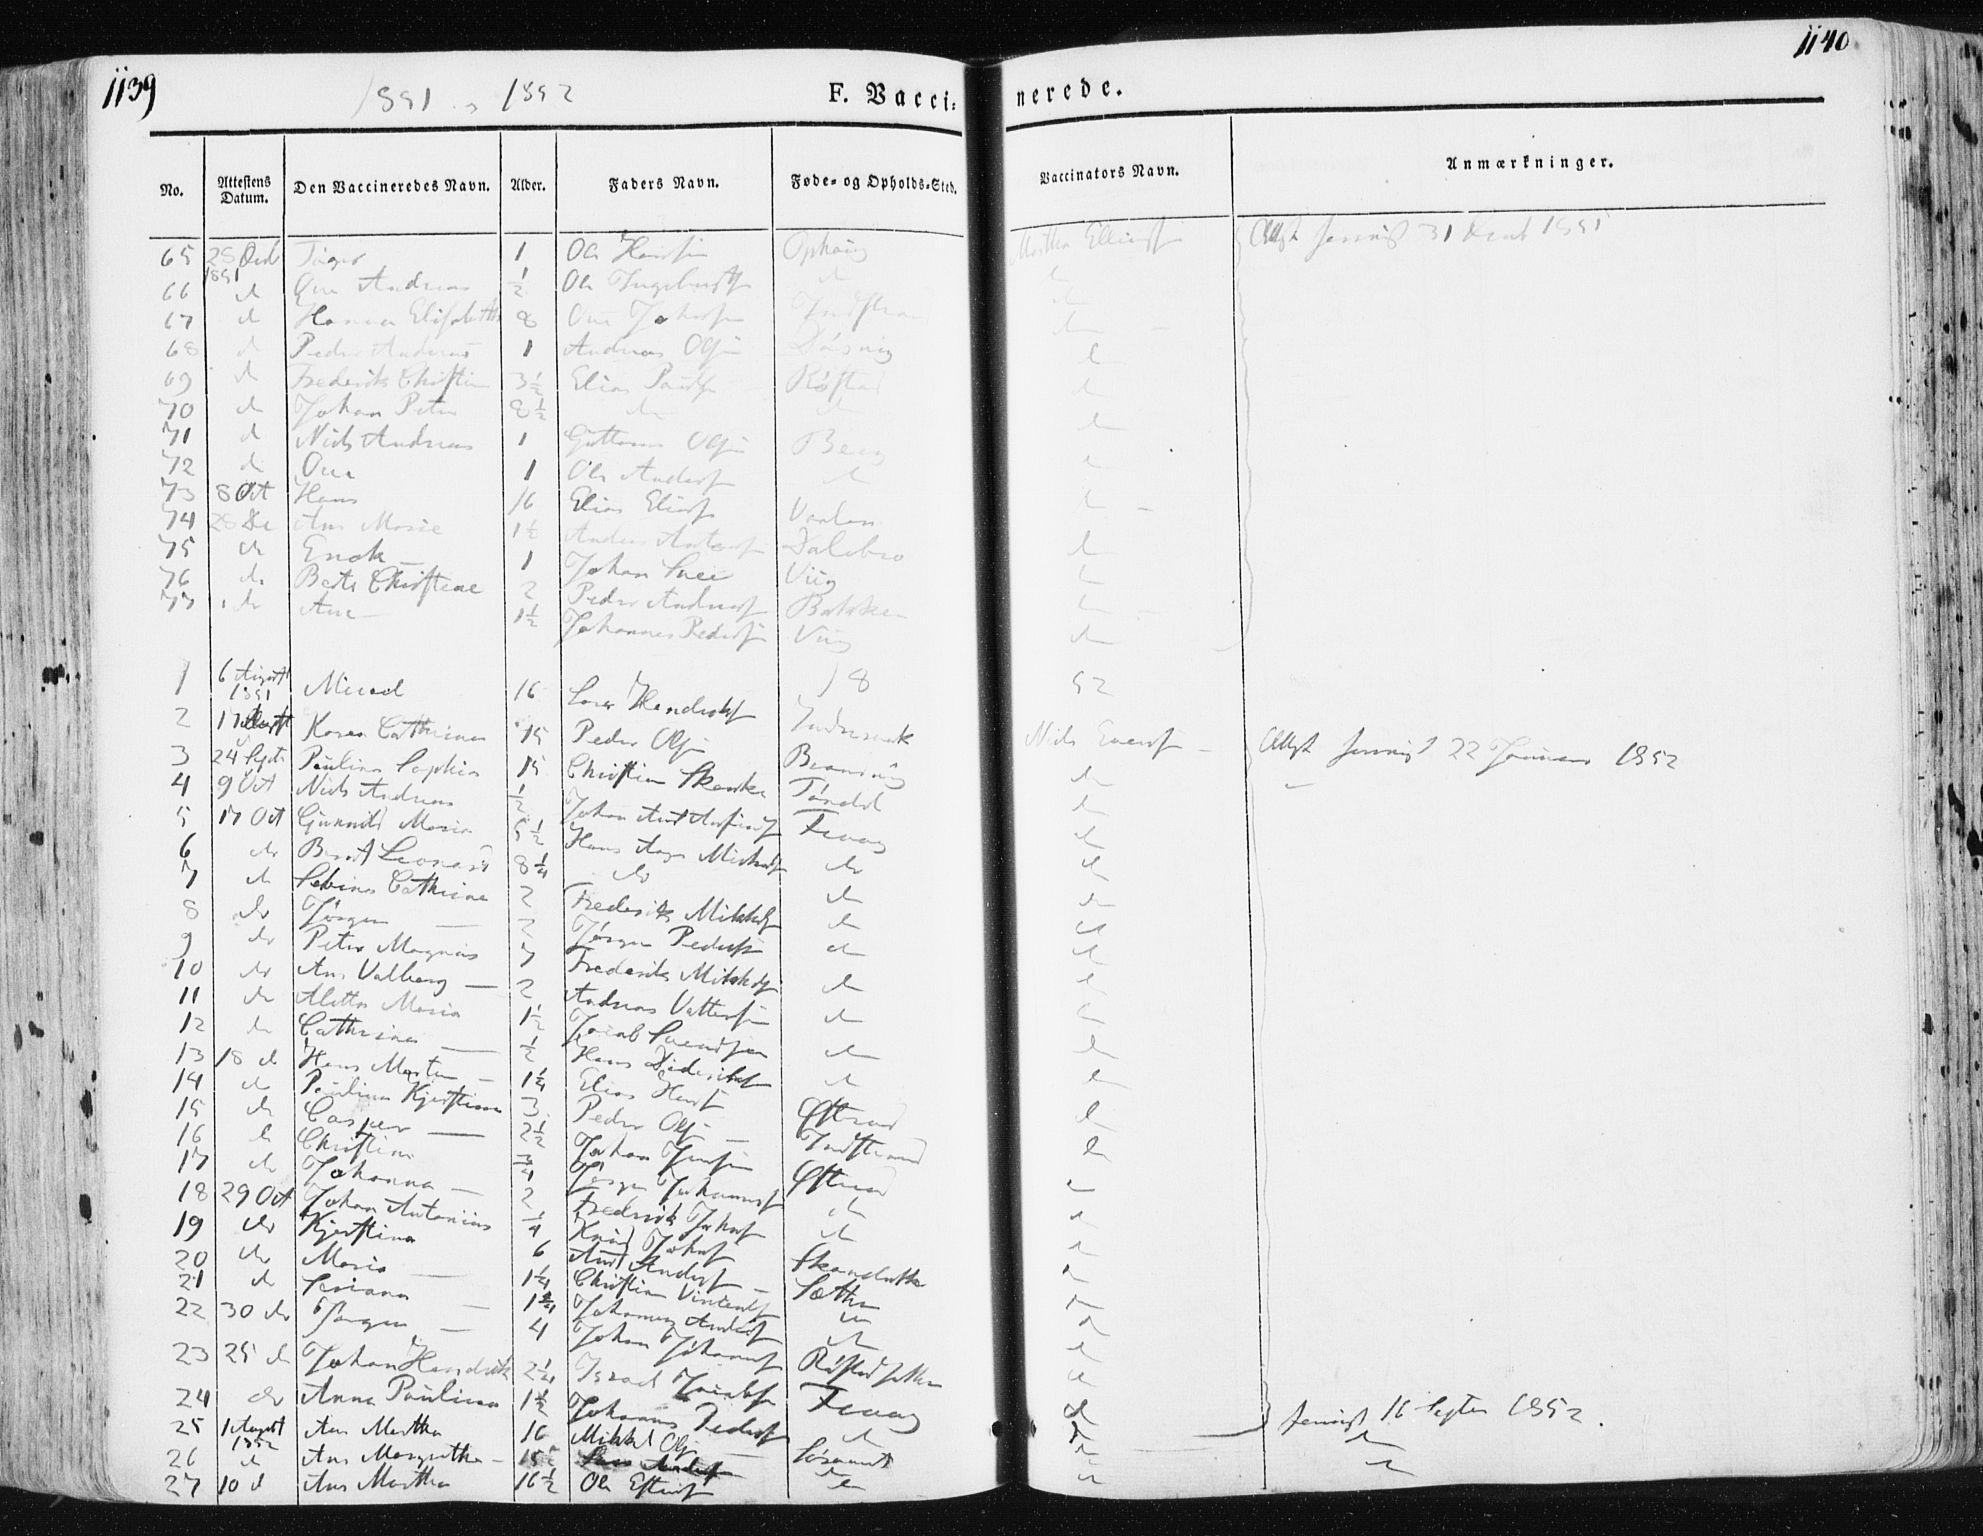 SAT, Ministerialprotokoller, klokkerbøker og fødselsregistre - Sør-Trøndelag, 659/L0736: Ministerialbok nr. 659A06, 1842-1856, s. 1139-1140